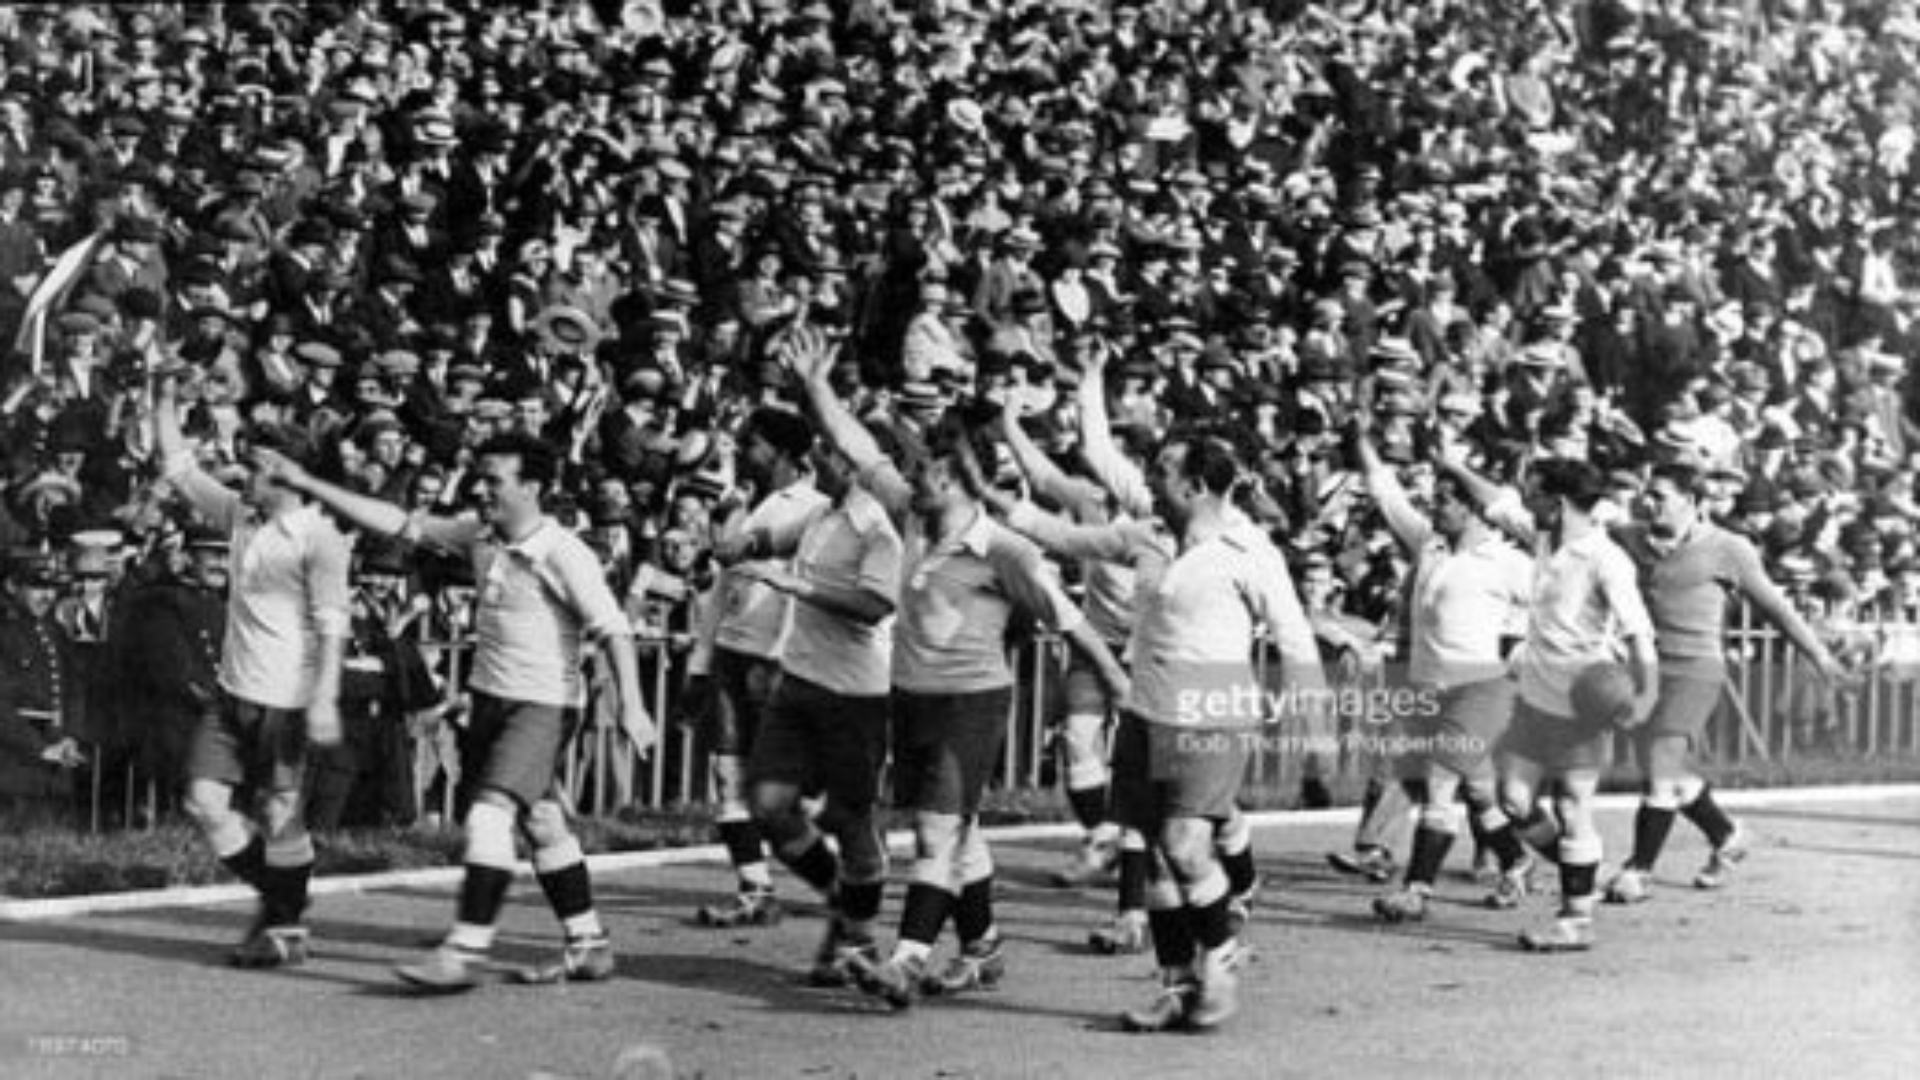 فوتبال در المپیک 1924 پاریس | تگ